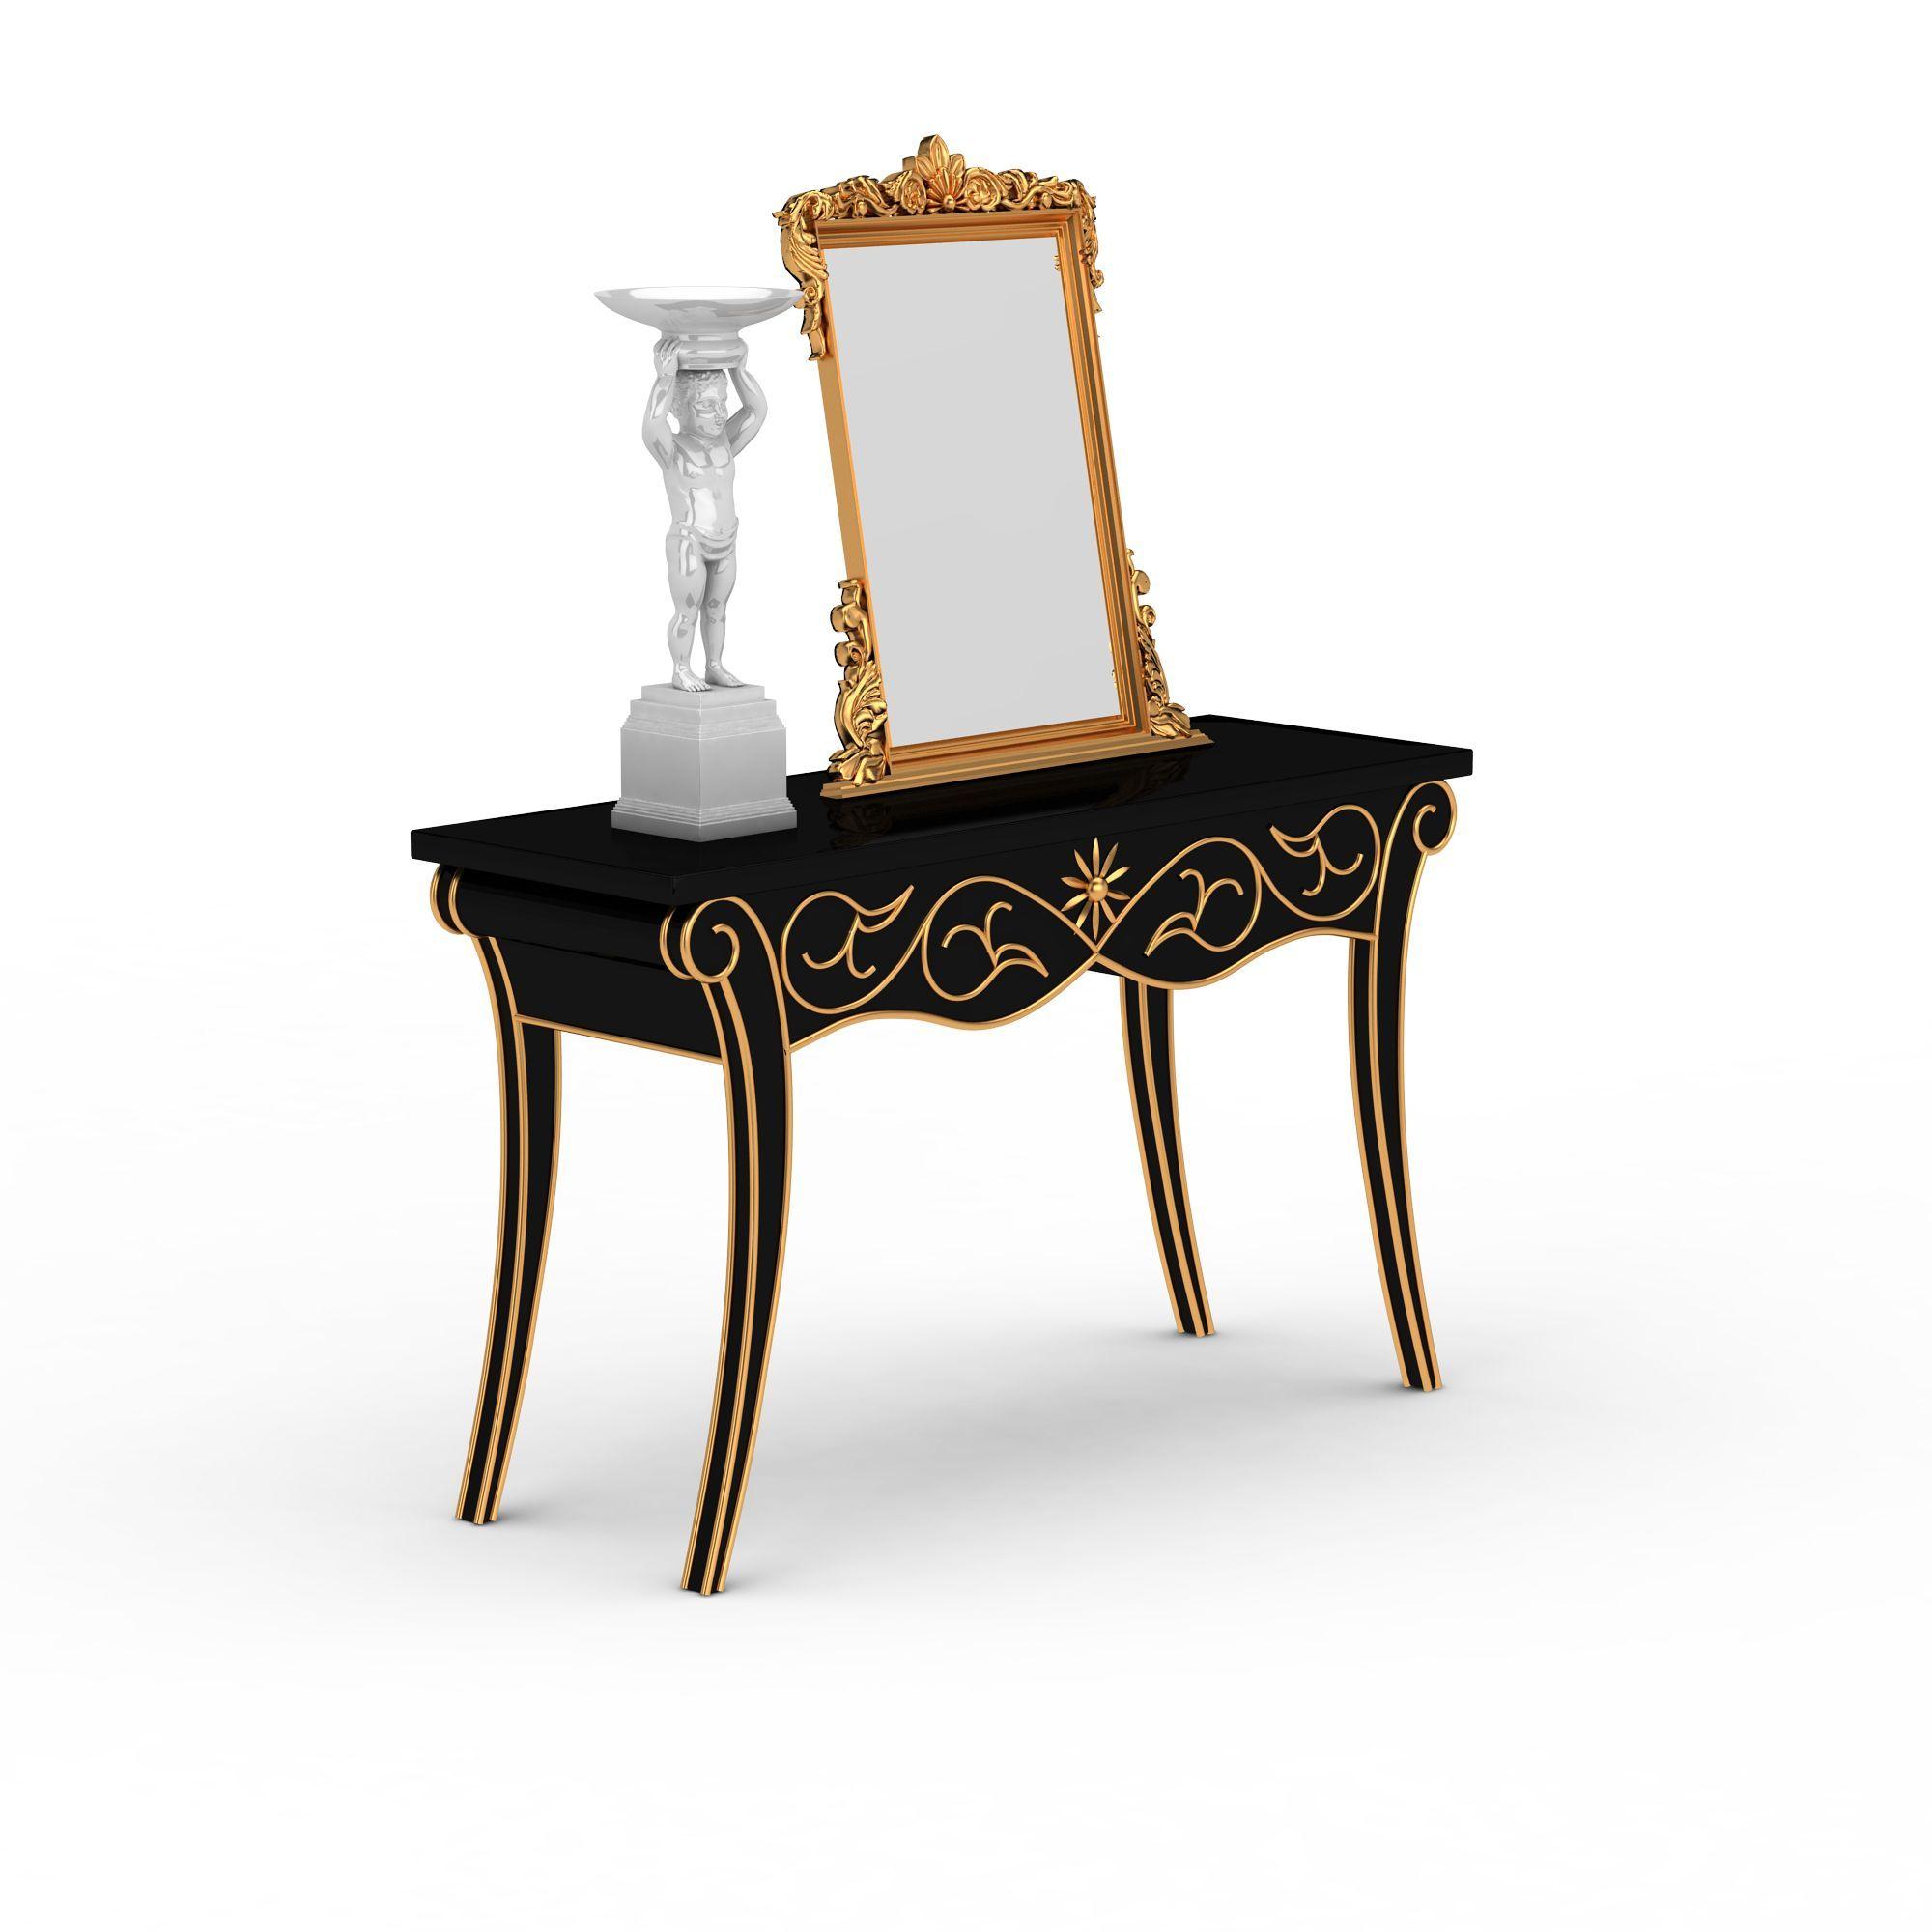 客厅展示桌3d模型 客厅展示桌png高清图  客厅展示桌高清图详情 设计